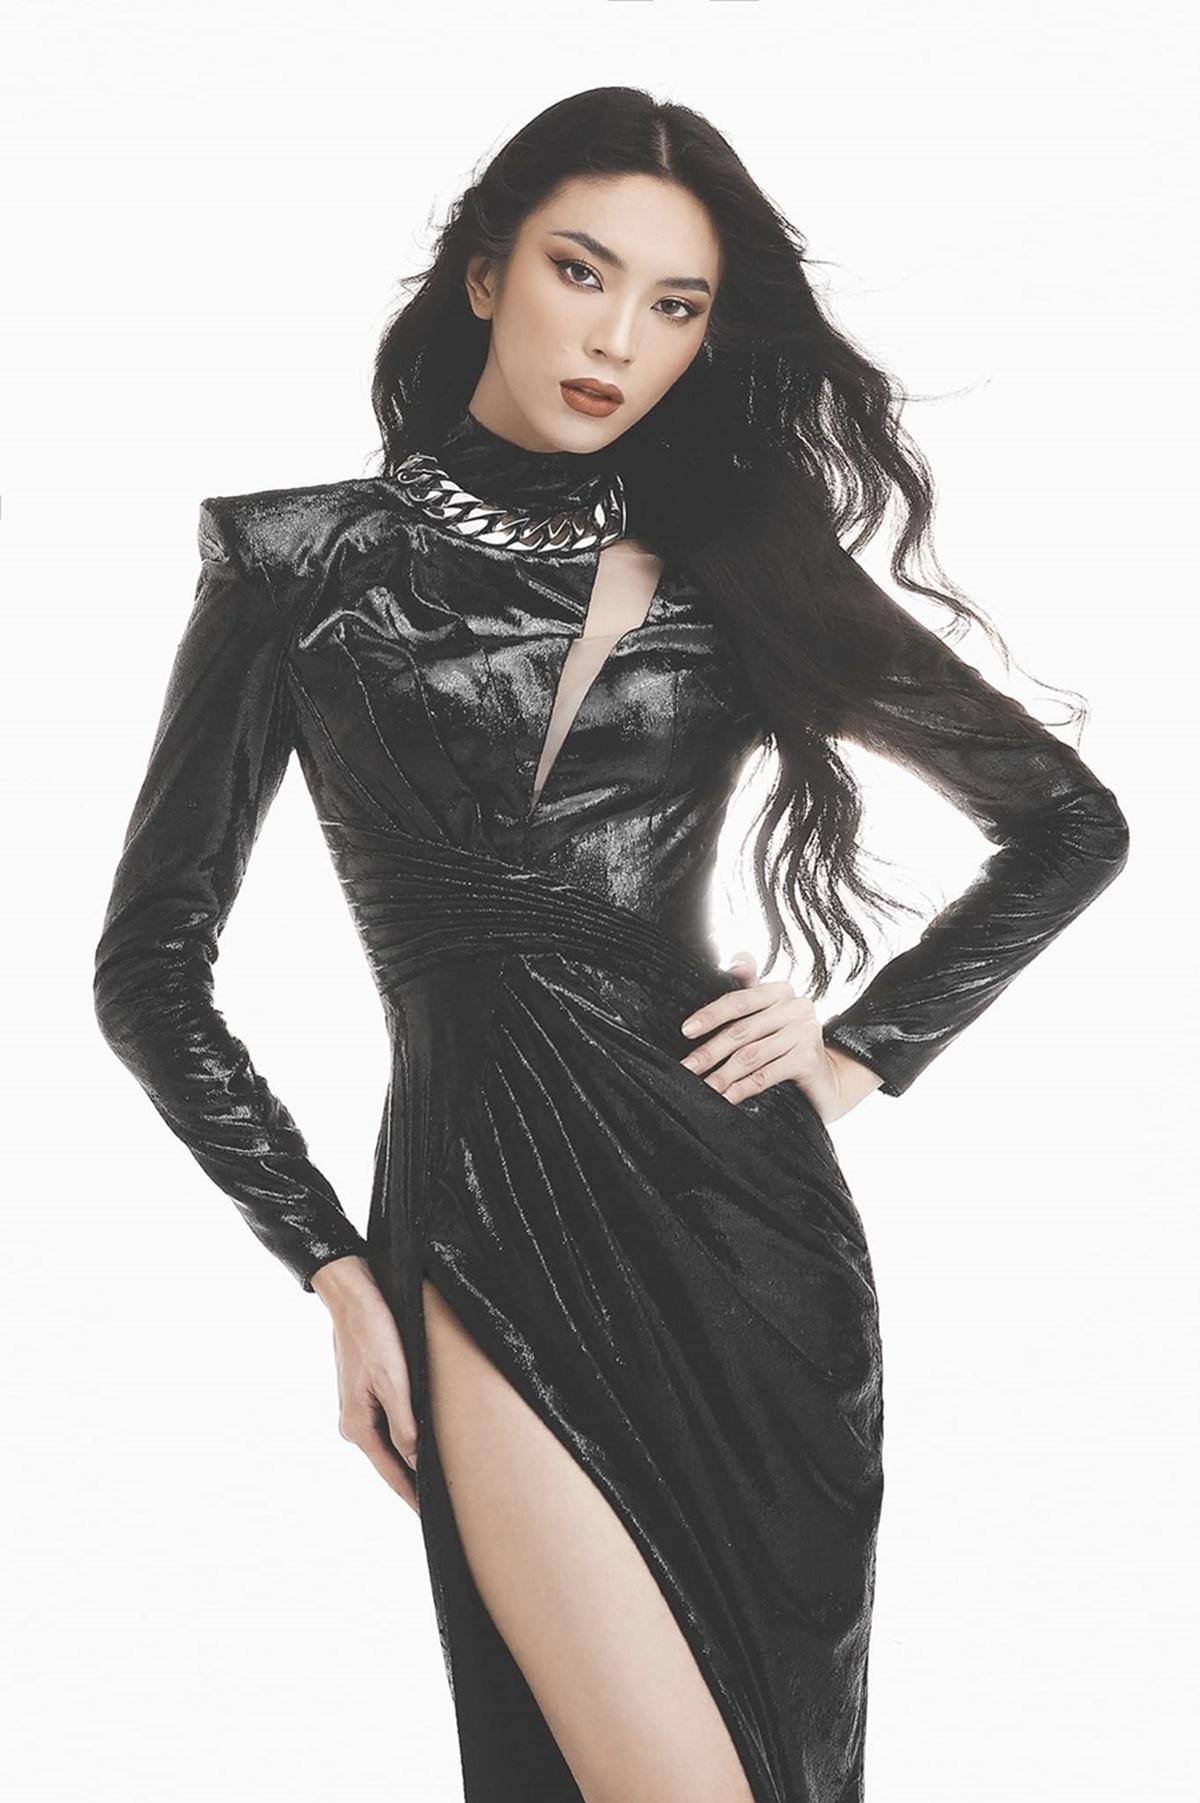 Mộng Thường là thí sinh thứ hai của team Minh Tú góp mặt trong đêm chung kết. Cô sinh năm 1995 ở Kiên Giang, cao 1,76 m, số đo 77-59-87 cm. Mộng Thường là người mẫu tự do. Cô gây chú ý từ vòng casting, được cả năm giám khảo chọn và ba huấn luyện giành về đội của mình. Hương Giang cho rằng người Thái và ban tổ chức Miss International Queen sẽ rất thích Mộng Thường. Giọng ca Anh đang ở đâu đấy anh khẳng định Mộng Thường là báu vật, ngựa chiến của cuộc thi này. Mộng Thường là một trong số ít thí sinh chưa phẫu thuật ngực. Hương Giang cho biết cô sẽ tài trợ 100 triệu đồng để Mộng Thường nâng cấp vòng một. Tôi muốn Thường có thể trở thành một beauty queen thật sự. Tôi sẽ hỗ trợ Thường vì thấy em ấy có tiềm năng, Hương Giang nói.